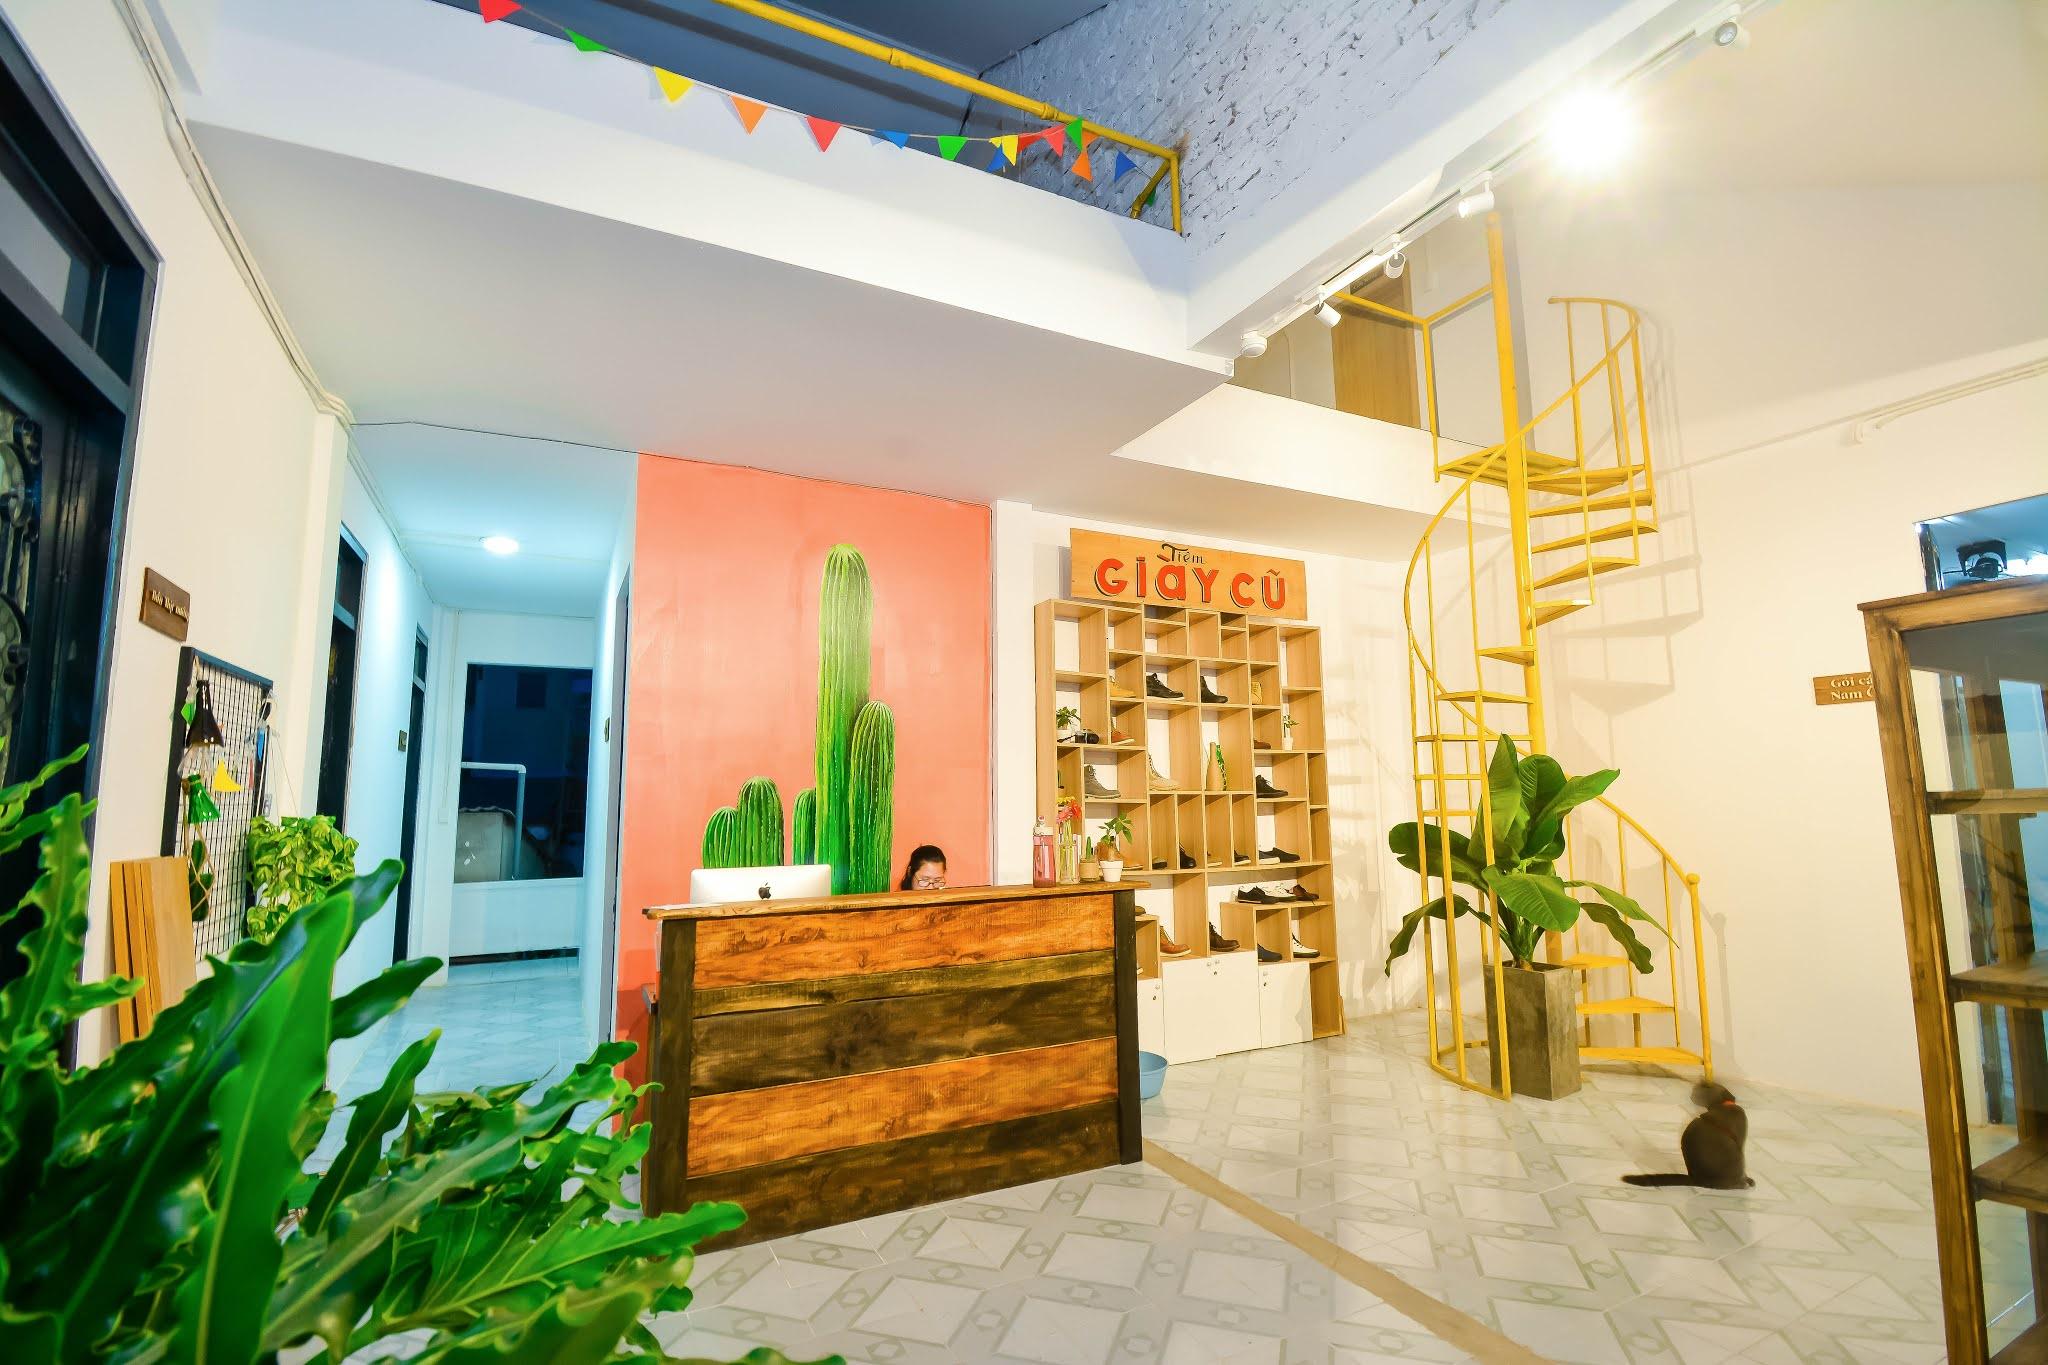 Khoi Studio - Chụp ảnh nội ngoại thất Đà Nẵng, Quảng Nam